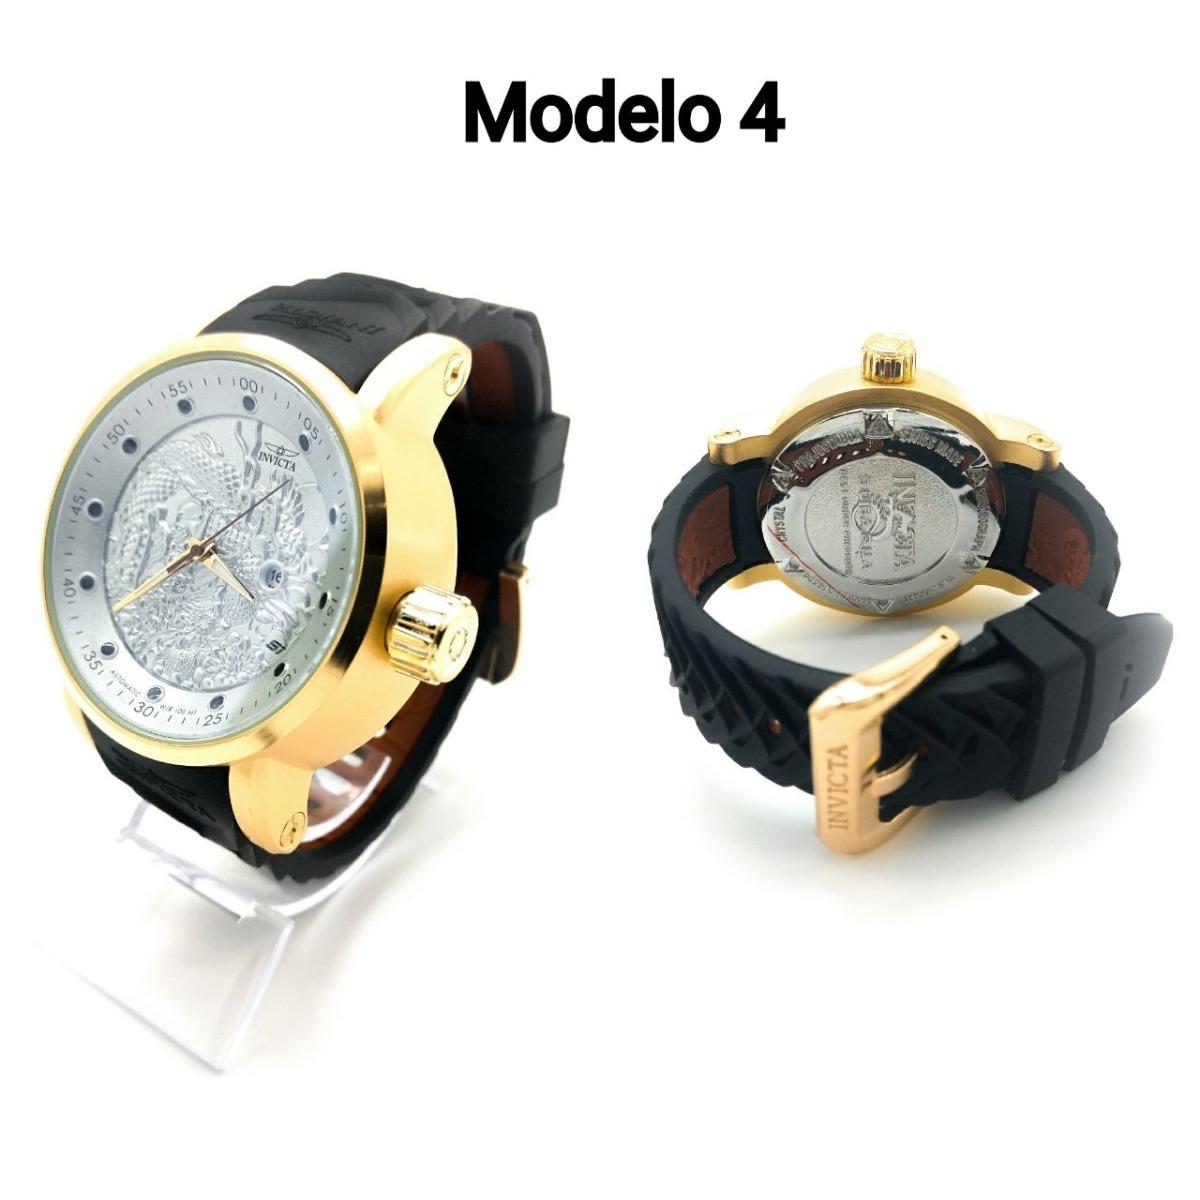 e34d2005b9f4c Relógio Yakuza Dragon S1 Vs.cores Prom.+brinde Juliet Lupa  - R  120 ...